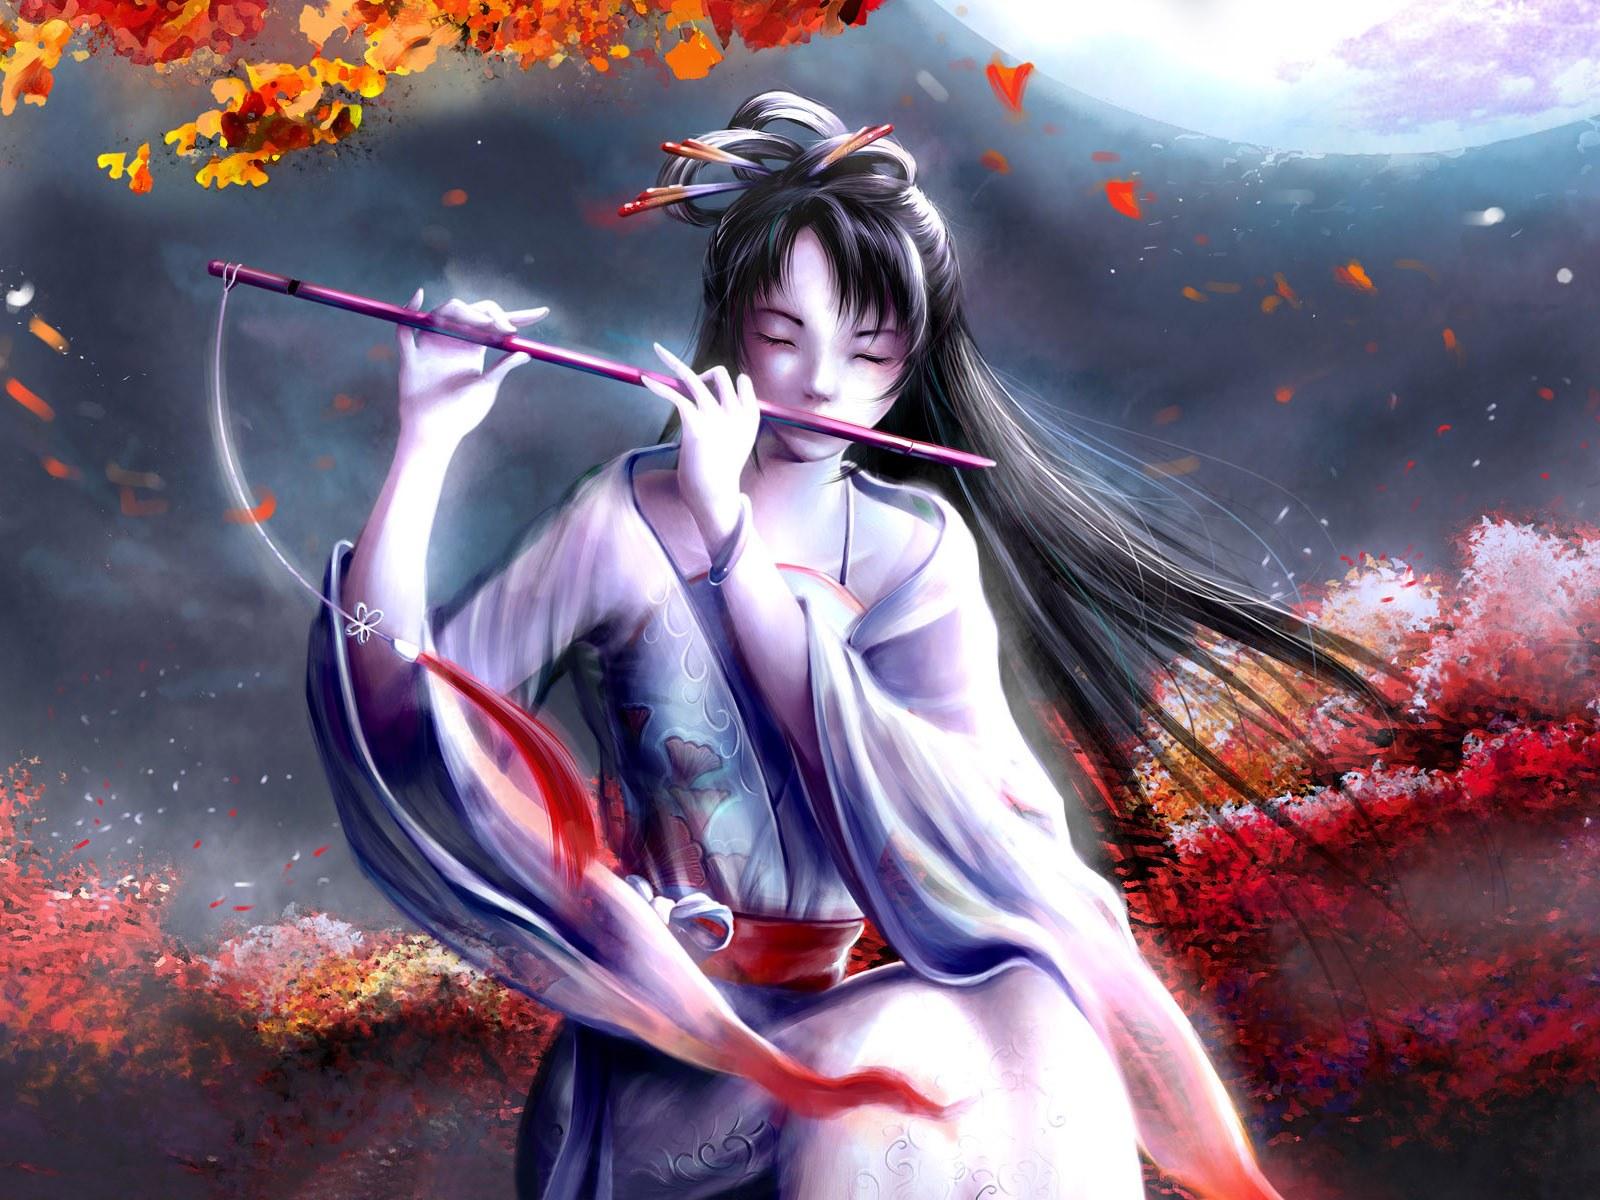 Japanese Girl Wallpaper - Beautiful Japanese Anime Girl